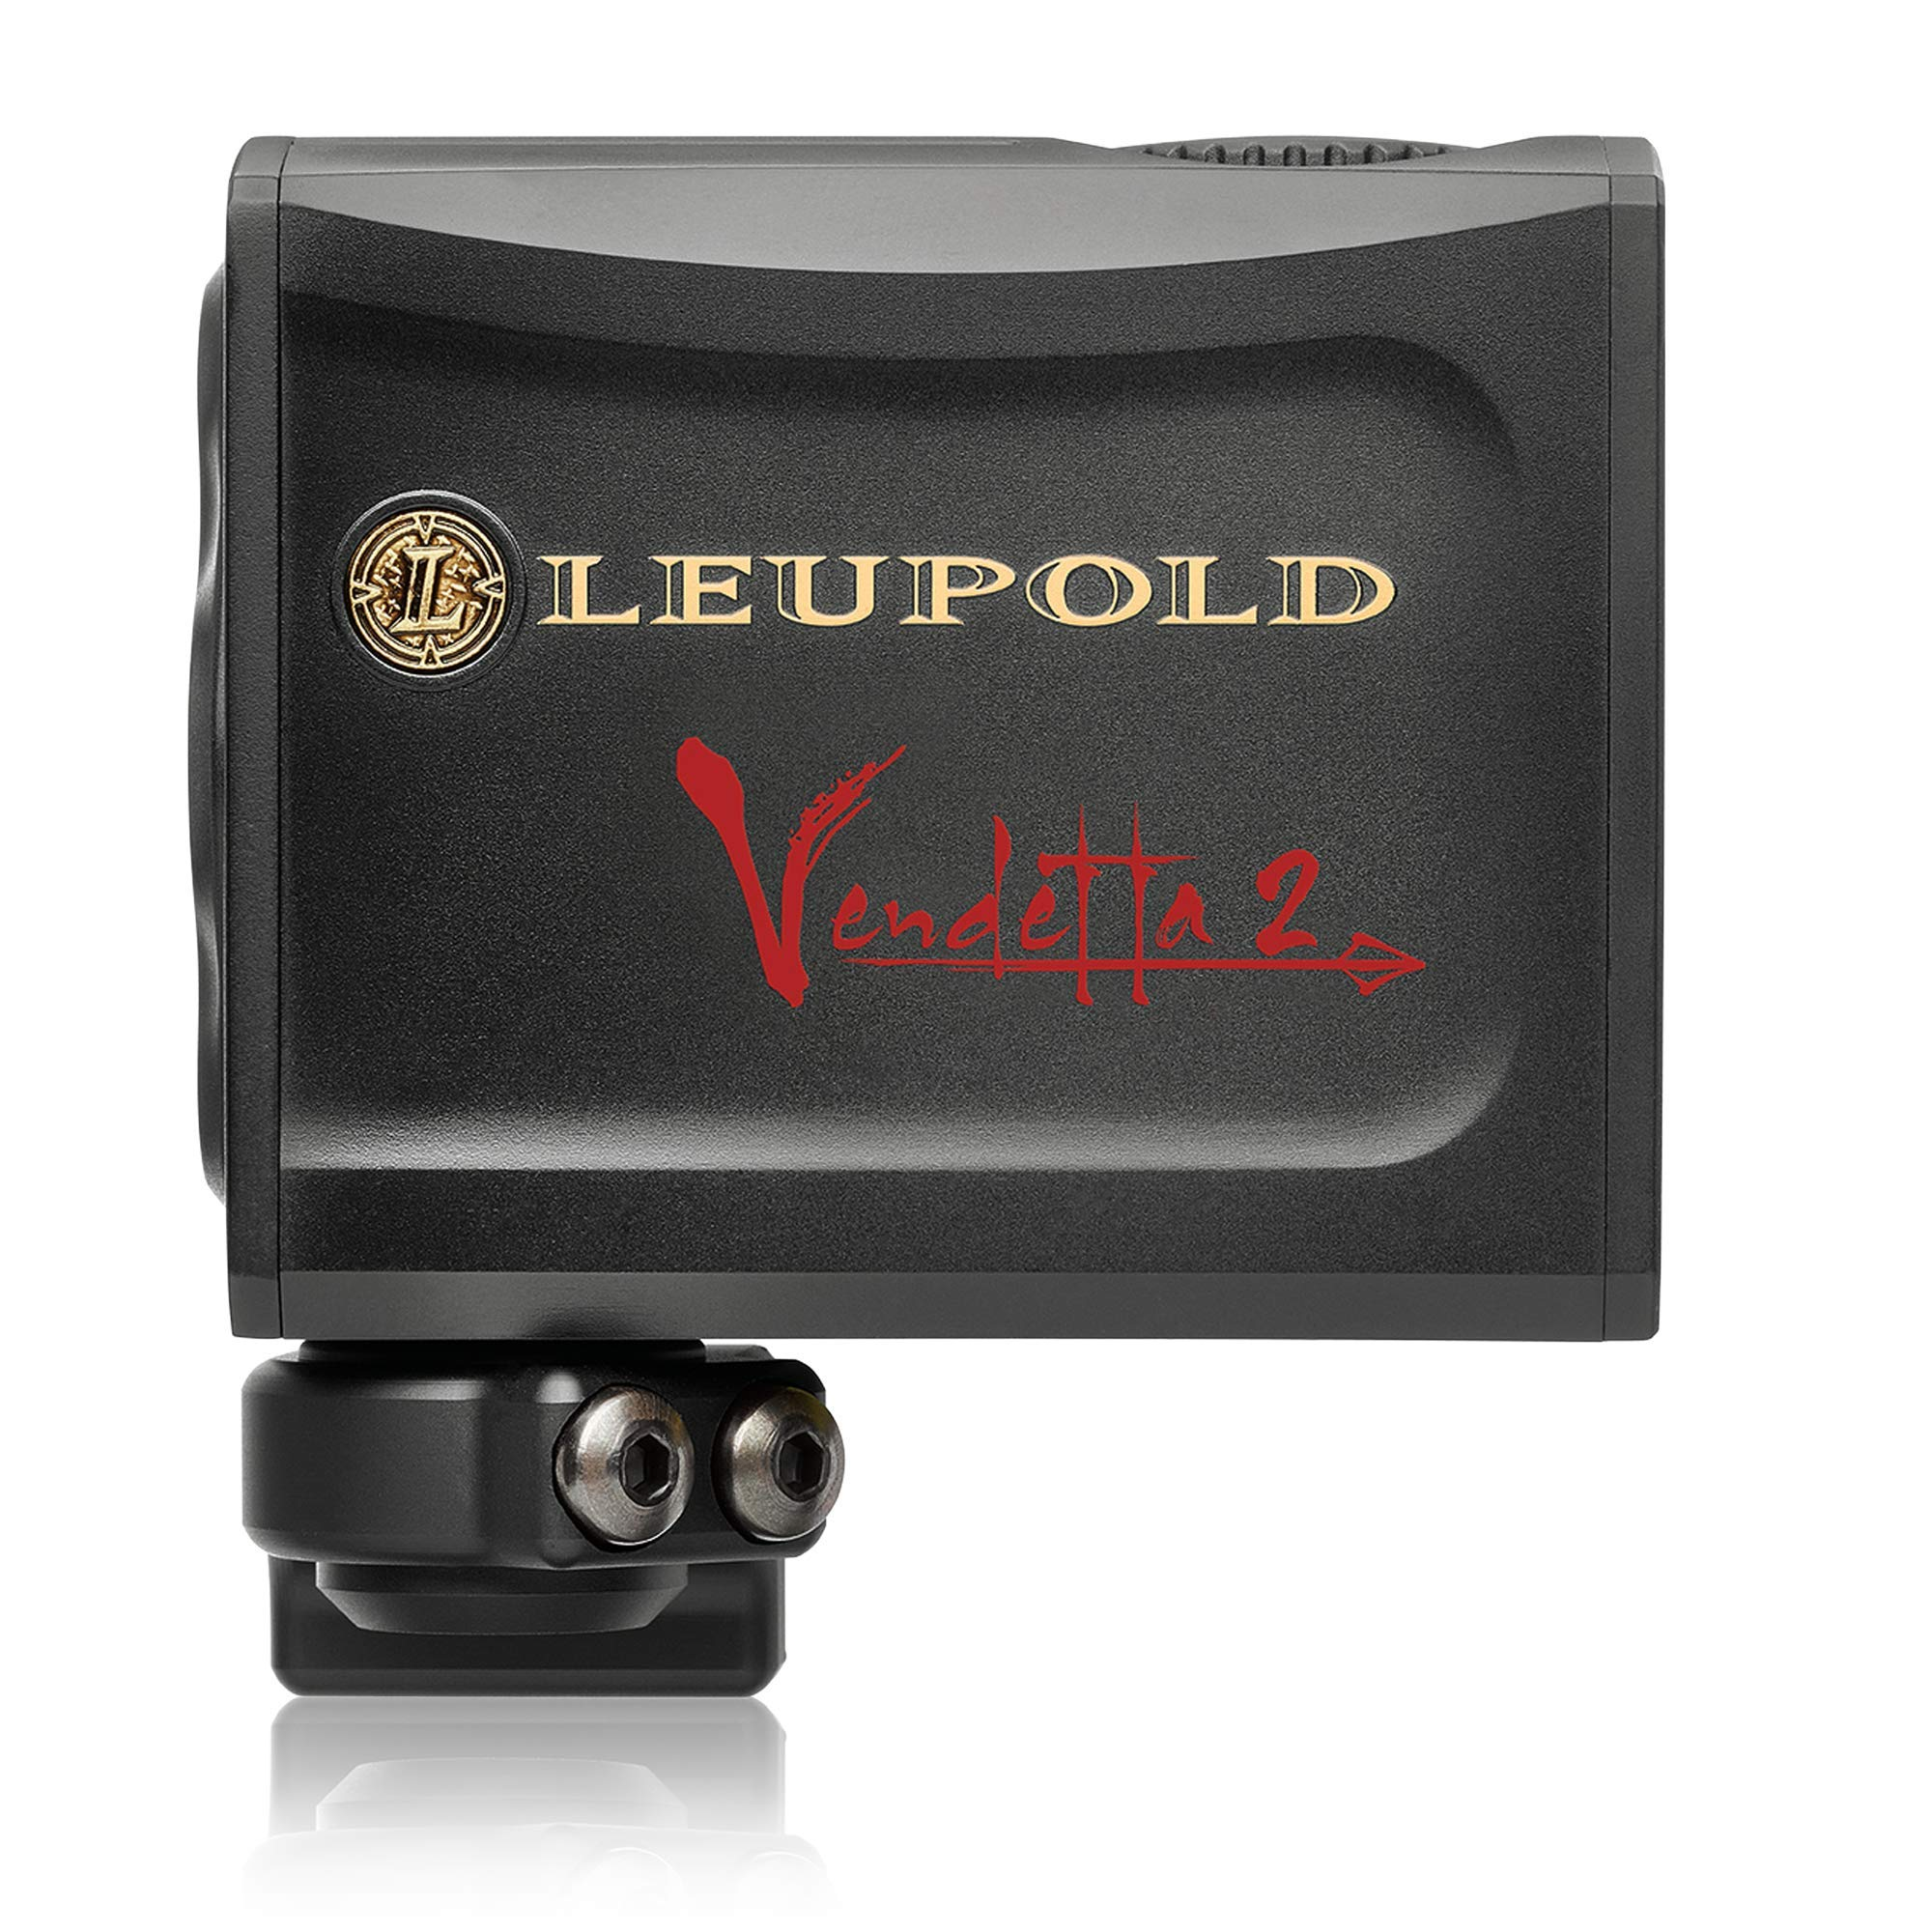 Leupold Vendetta 2 Archery Rangefinder by Leupold